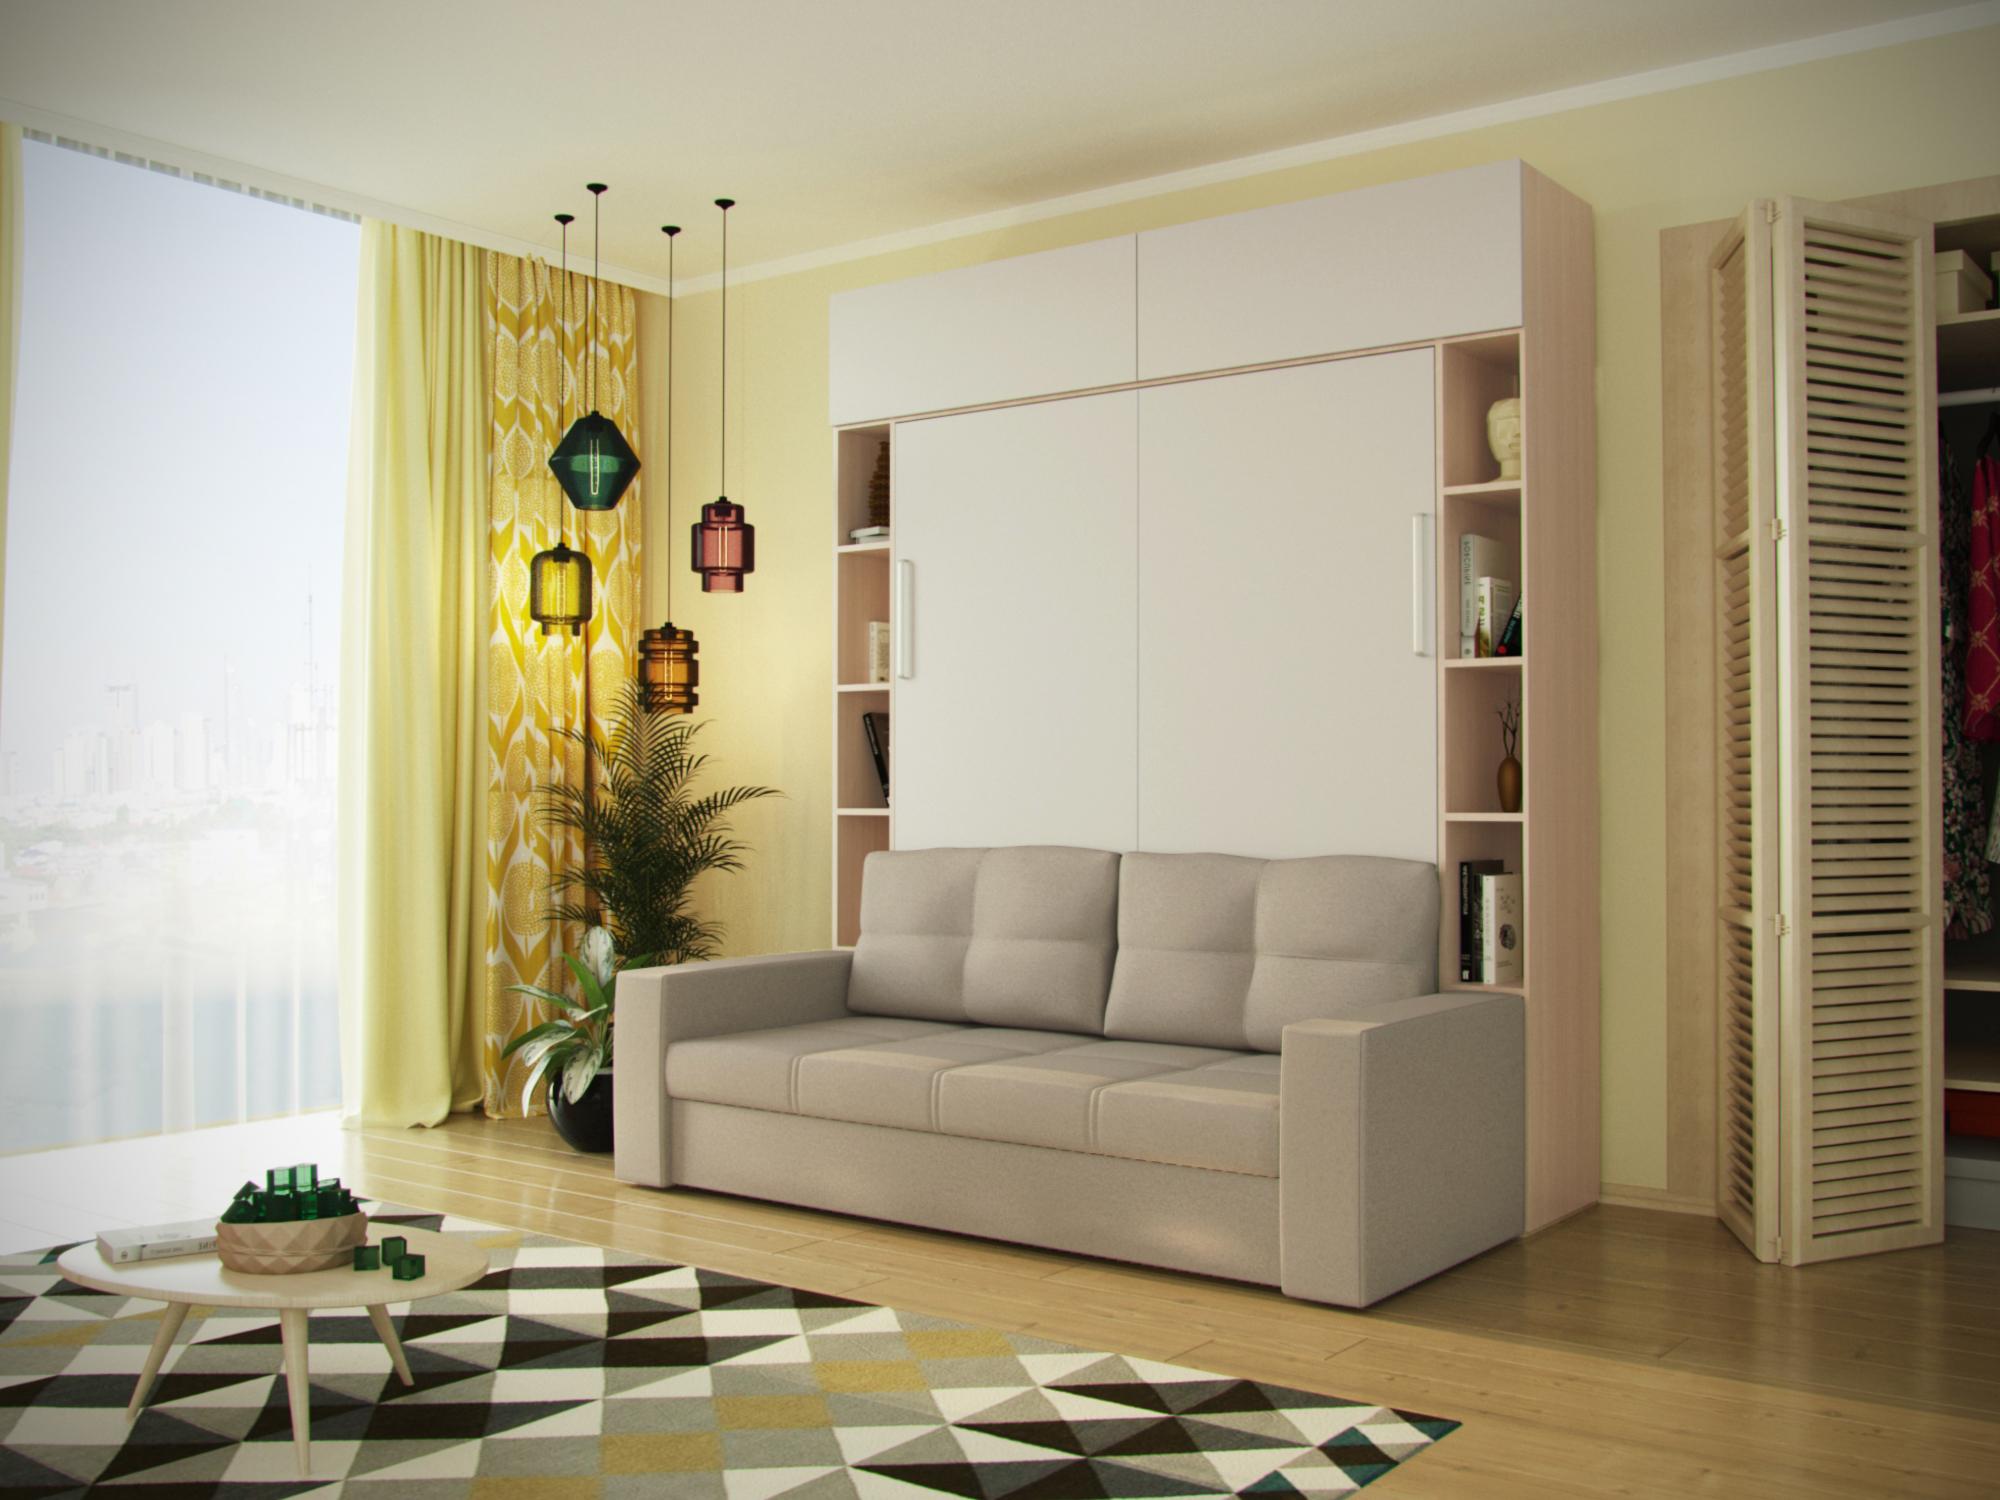 Многофункциональный трансформер шкаф-диван-кровать MebelVia Бежевый, Белый